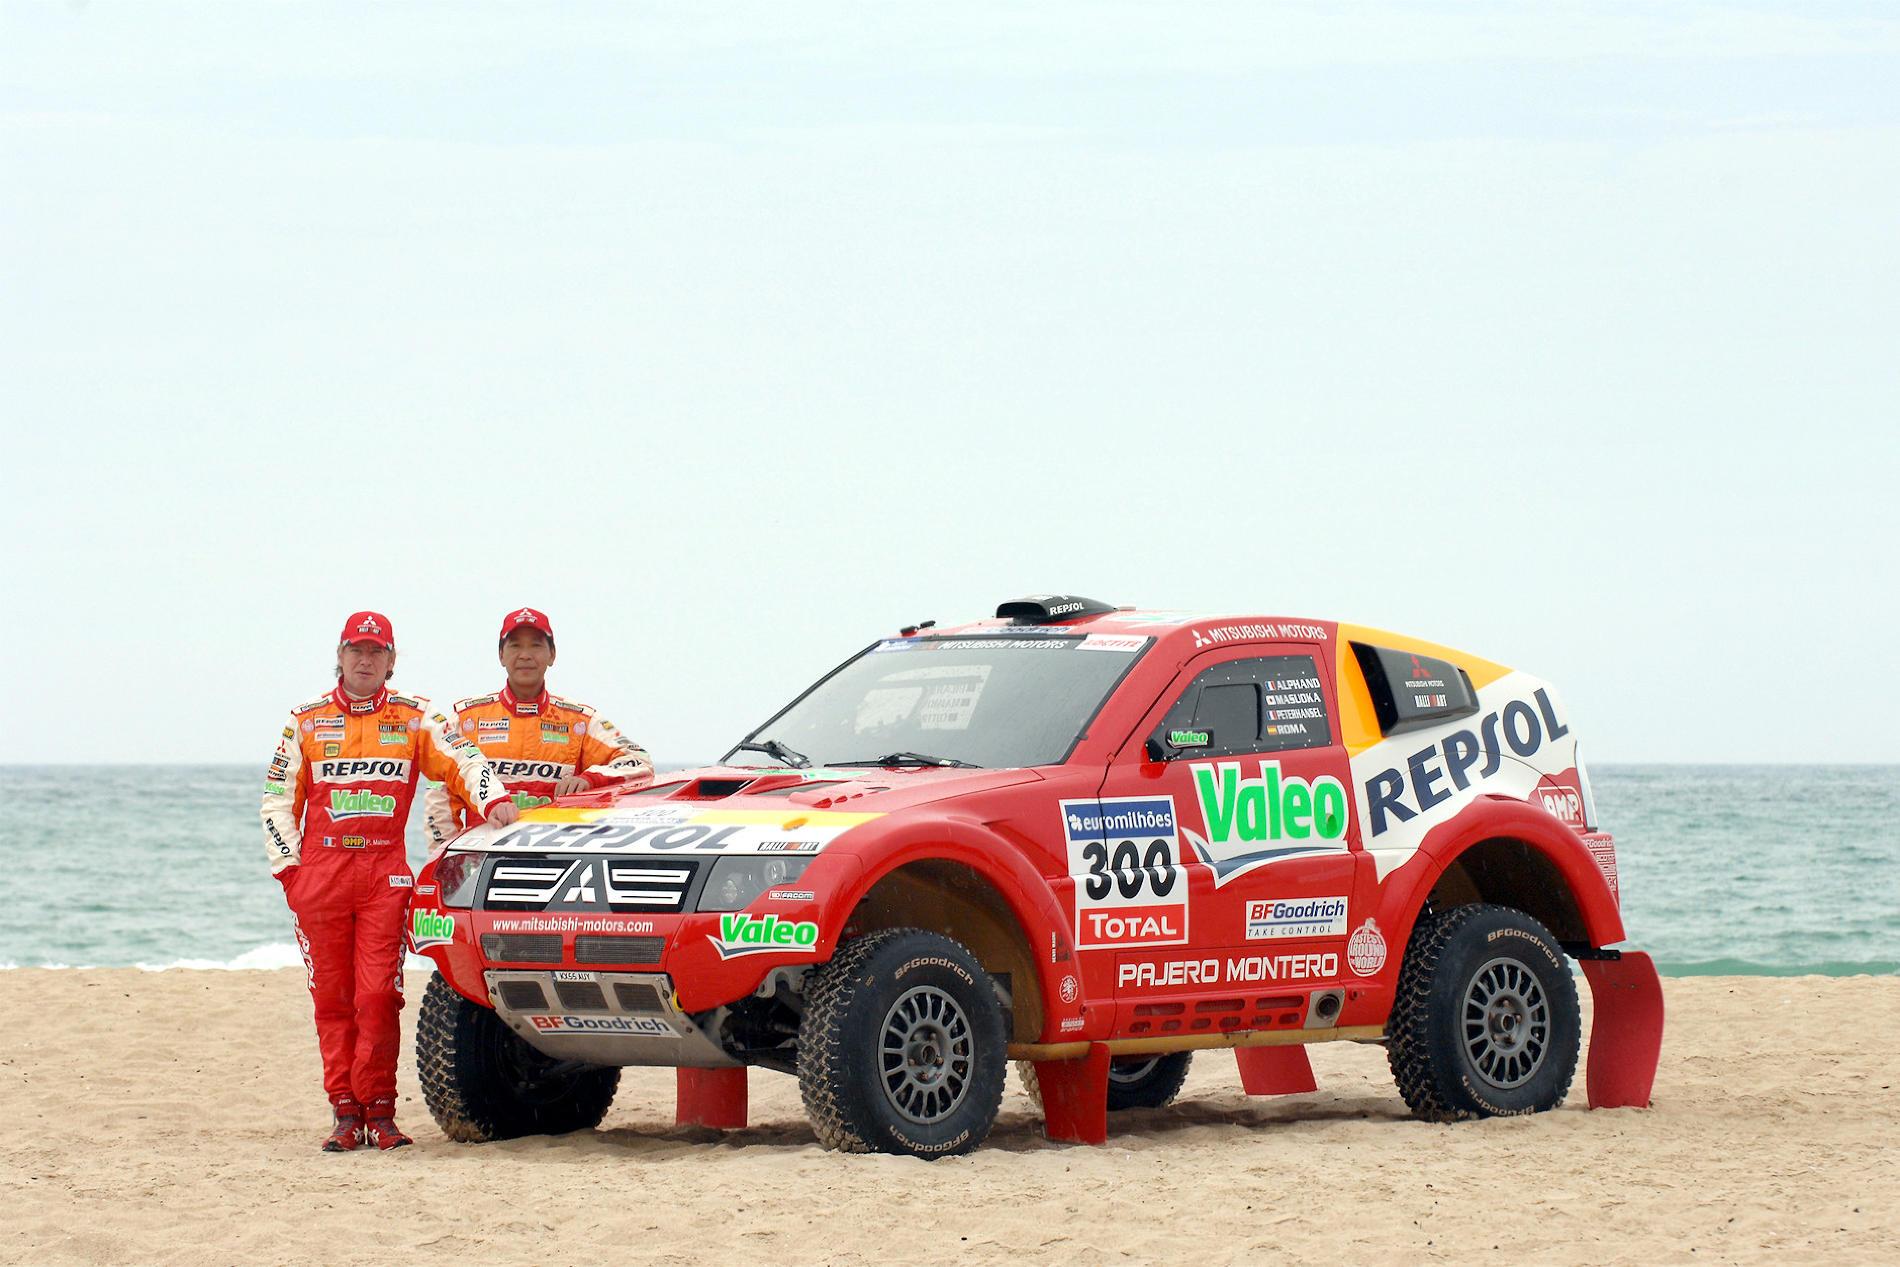 Хироси Масуока (справа). Японский раллист, автогонщик, выигравший ралли-рейд Париж — Дакар дважды: в 2002 и 2003 годах. Выступал на автомобилях Mitsubishi. Всего, с 1987 по 2009 год, провел 21 гонку в рамках «Дакара»